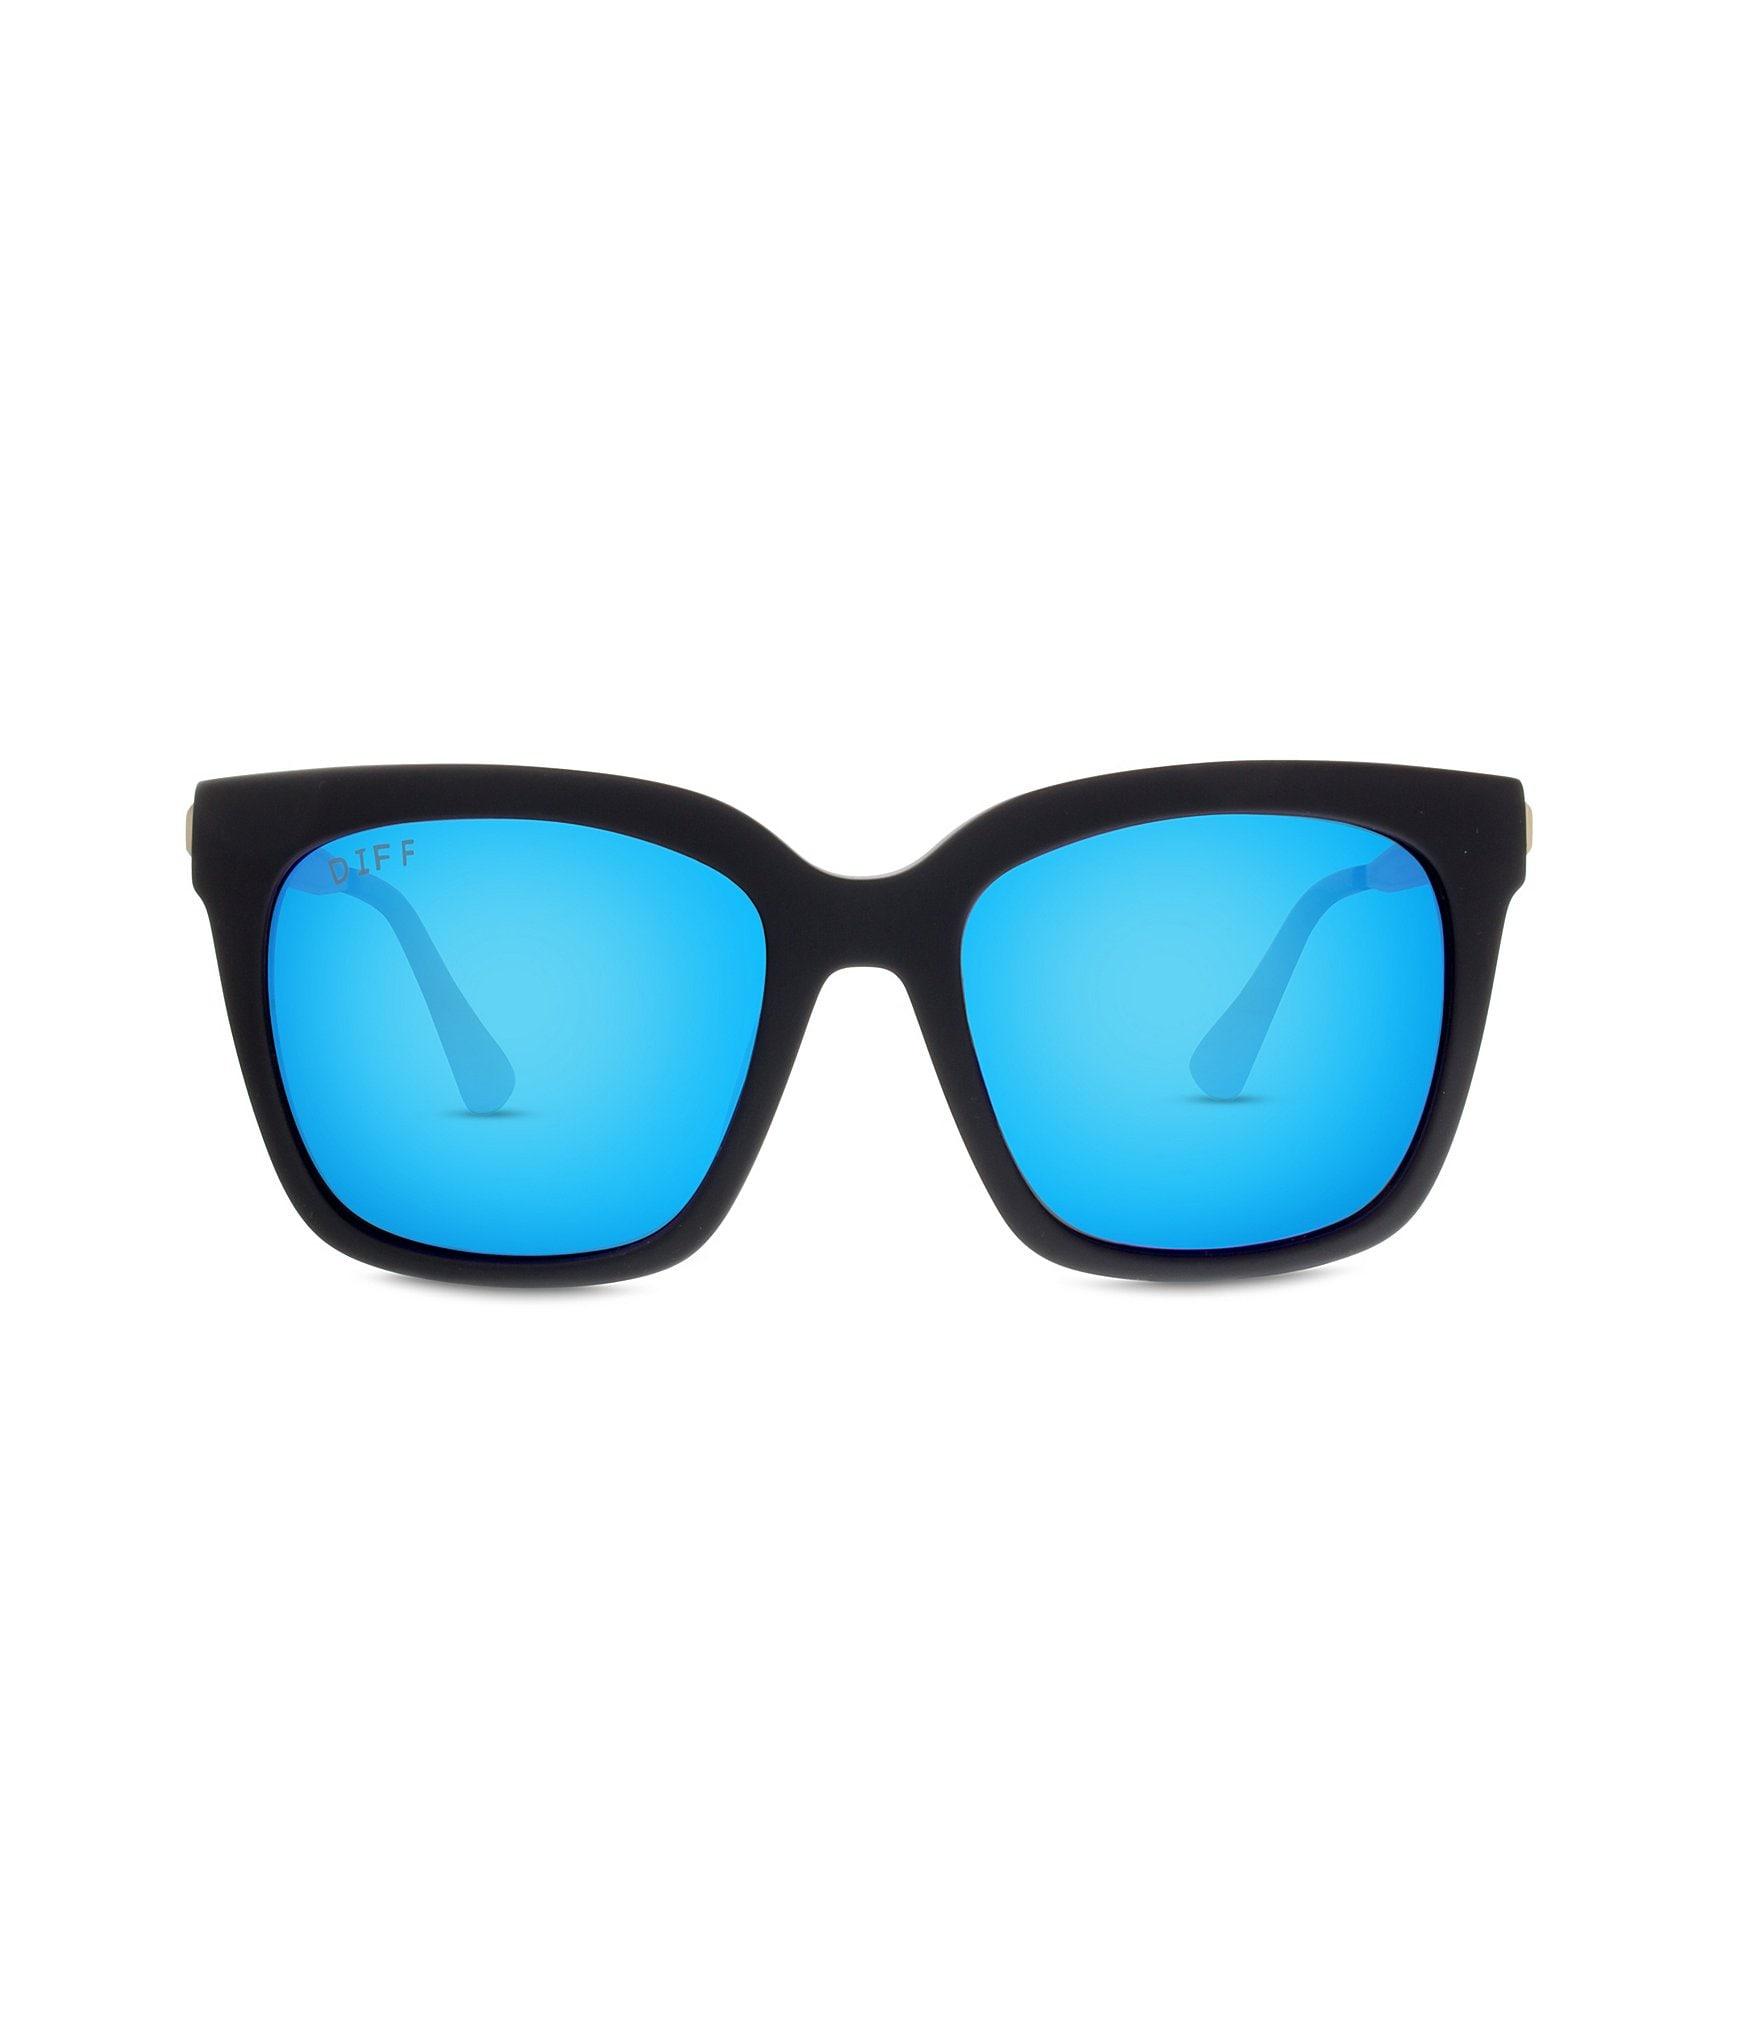 Diff Sunglasses For Women David Simchi Levi